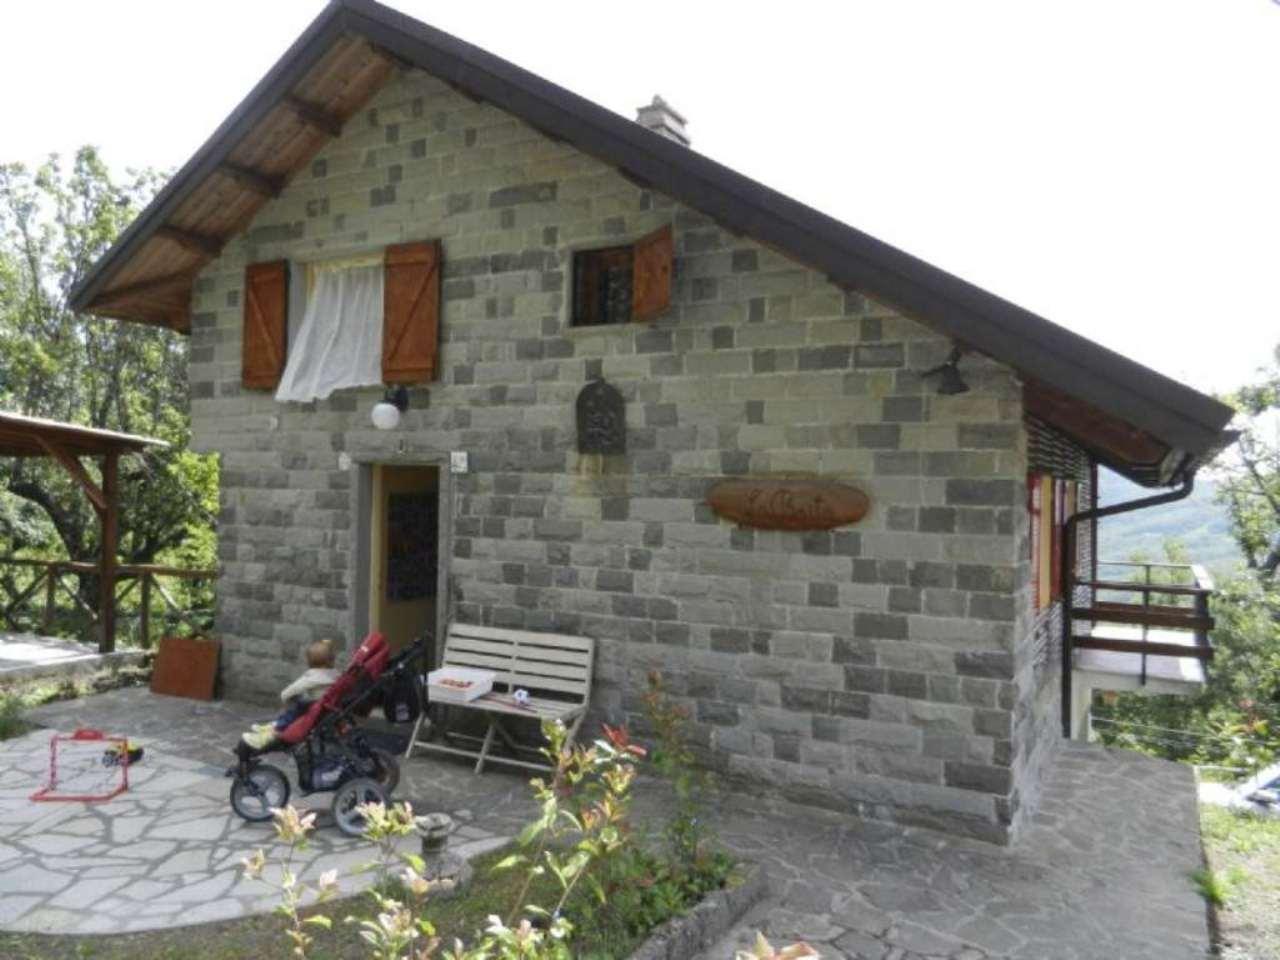 Villa in vendita a Varese Ligure, 4 locali, prezzo € 105.000 | Cambio Casa.it